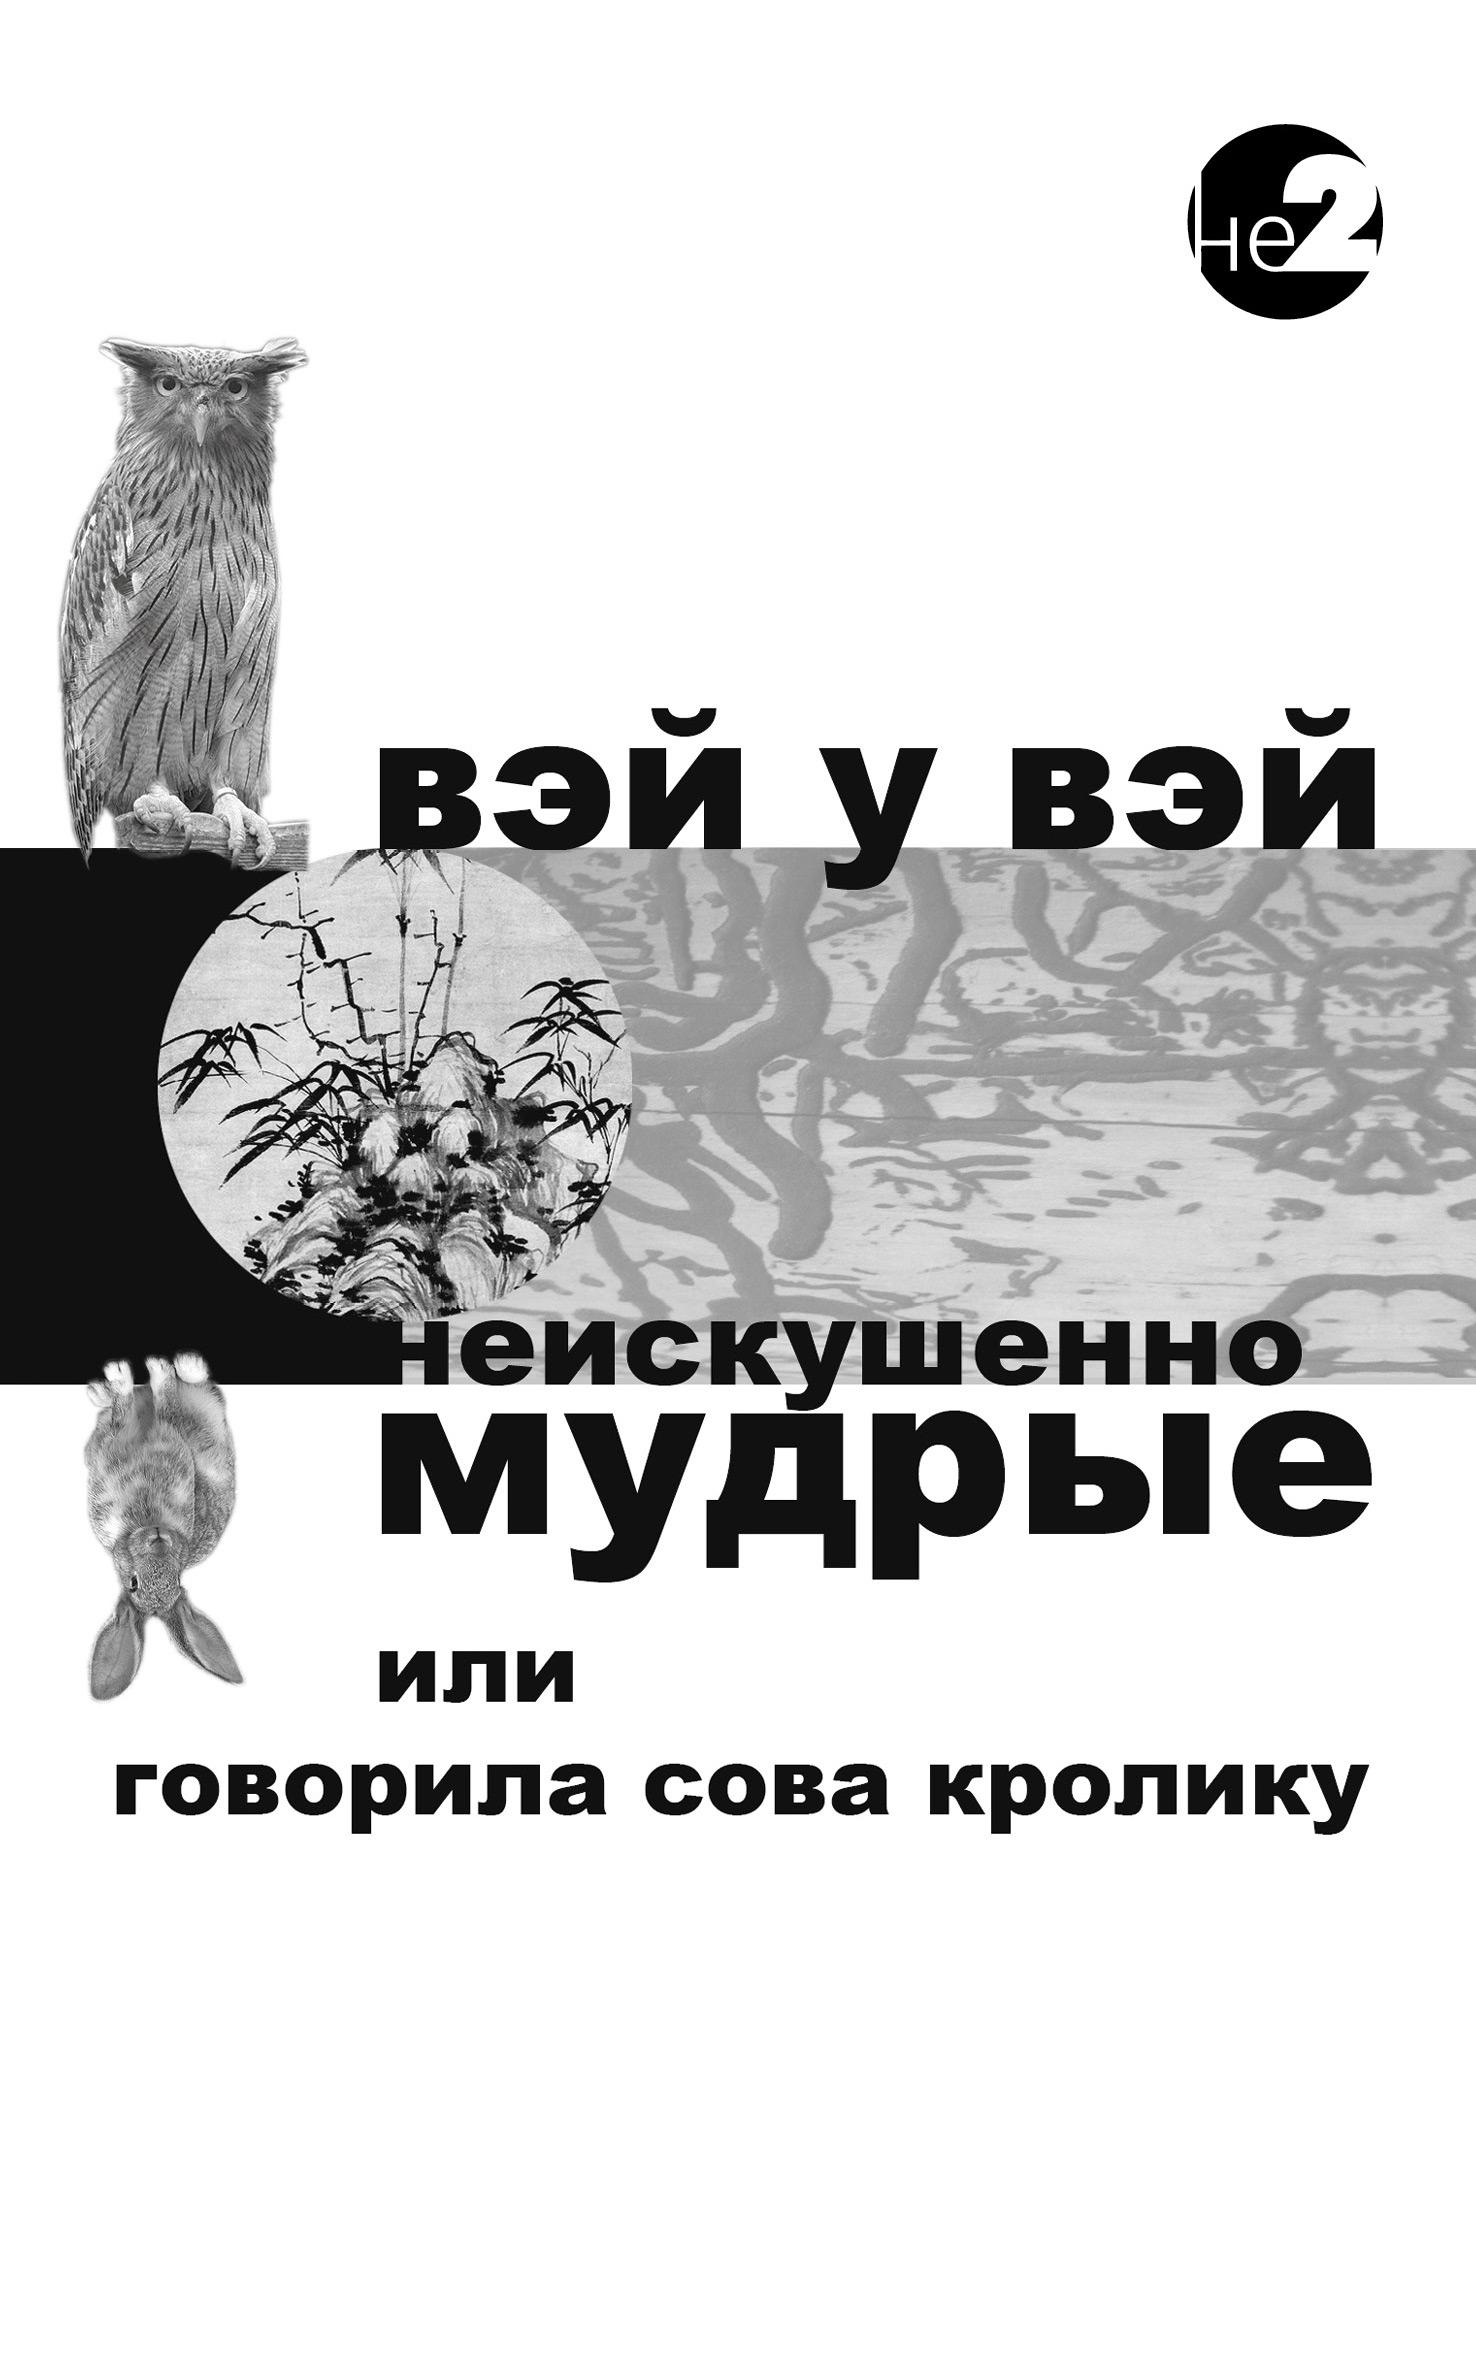 Вэй У Вэй, Наталья Горина «Неискушенно мудрые. Говорила сова кролику…»